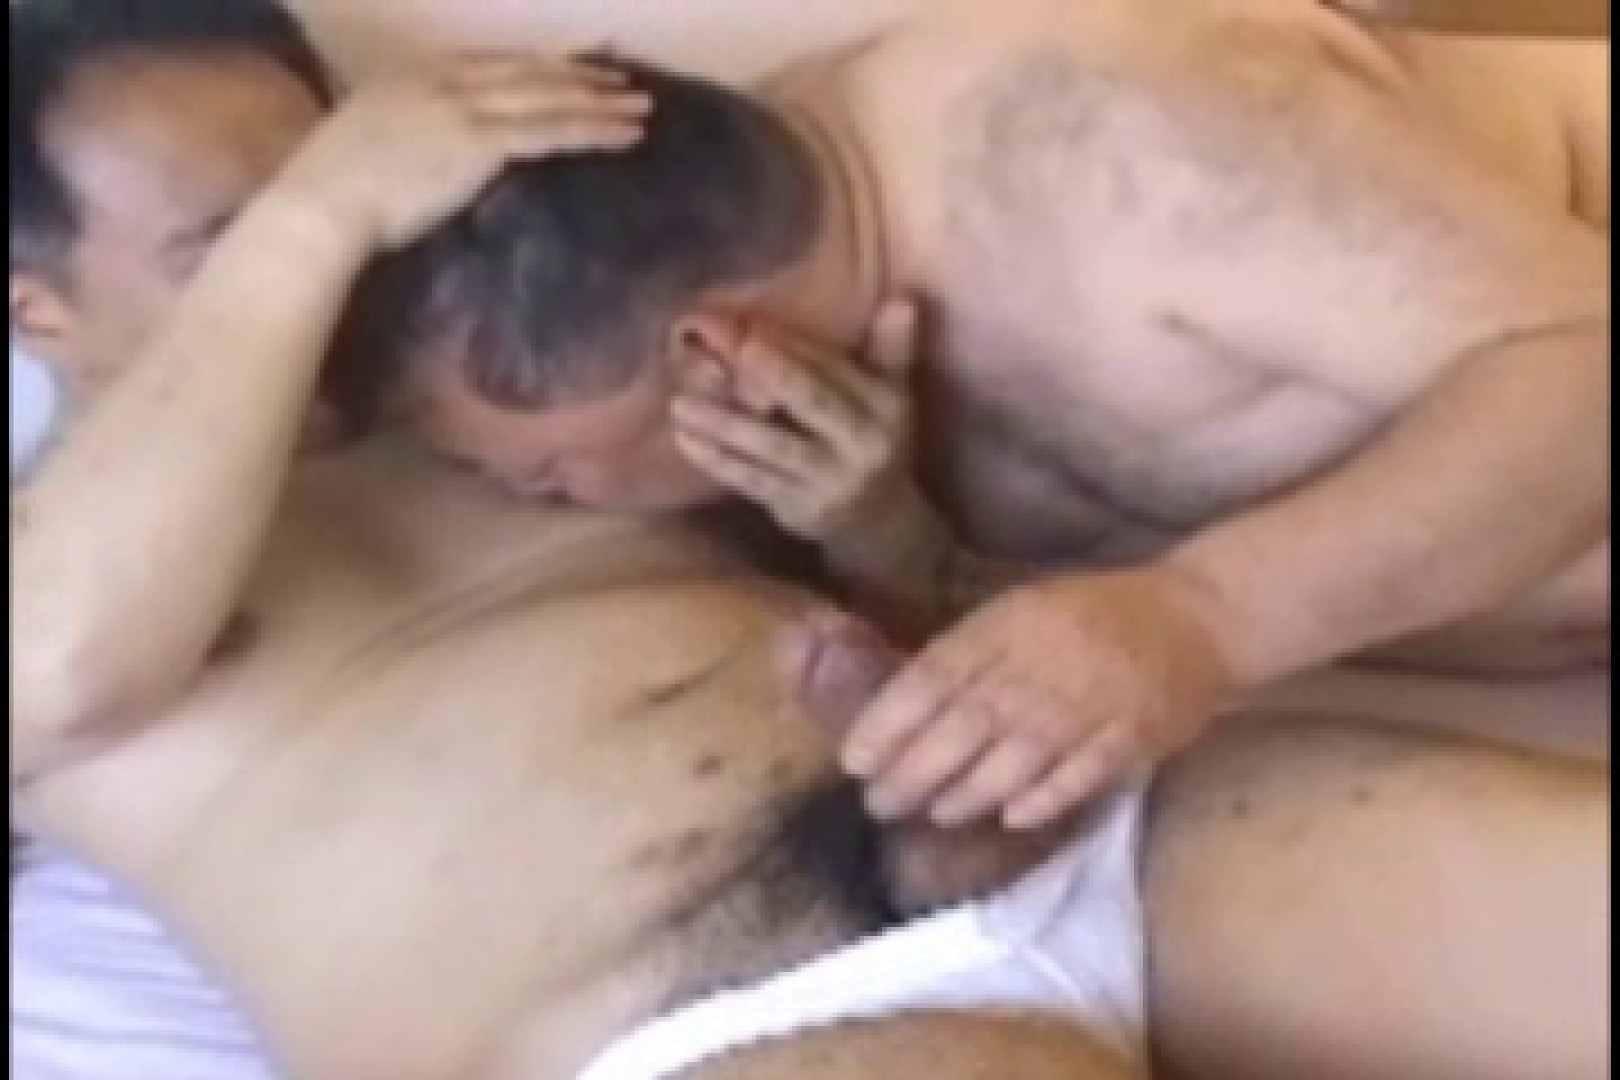 中年旦那の発情記 ブリーフ ゲイヌード画像 72pic 39